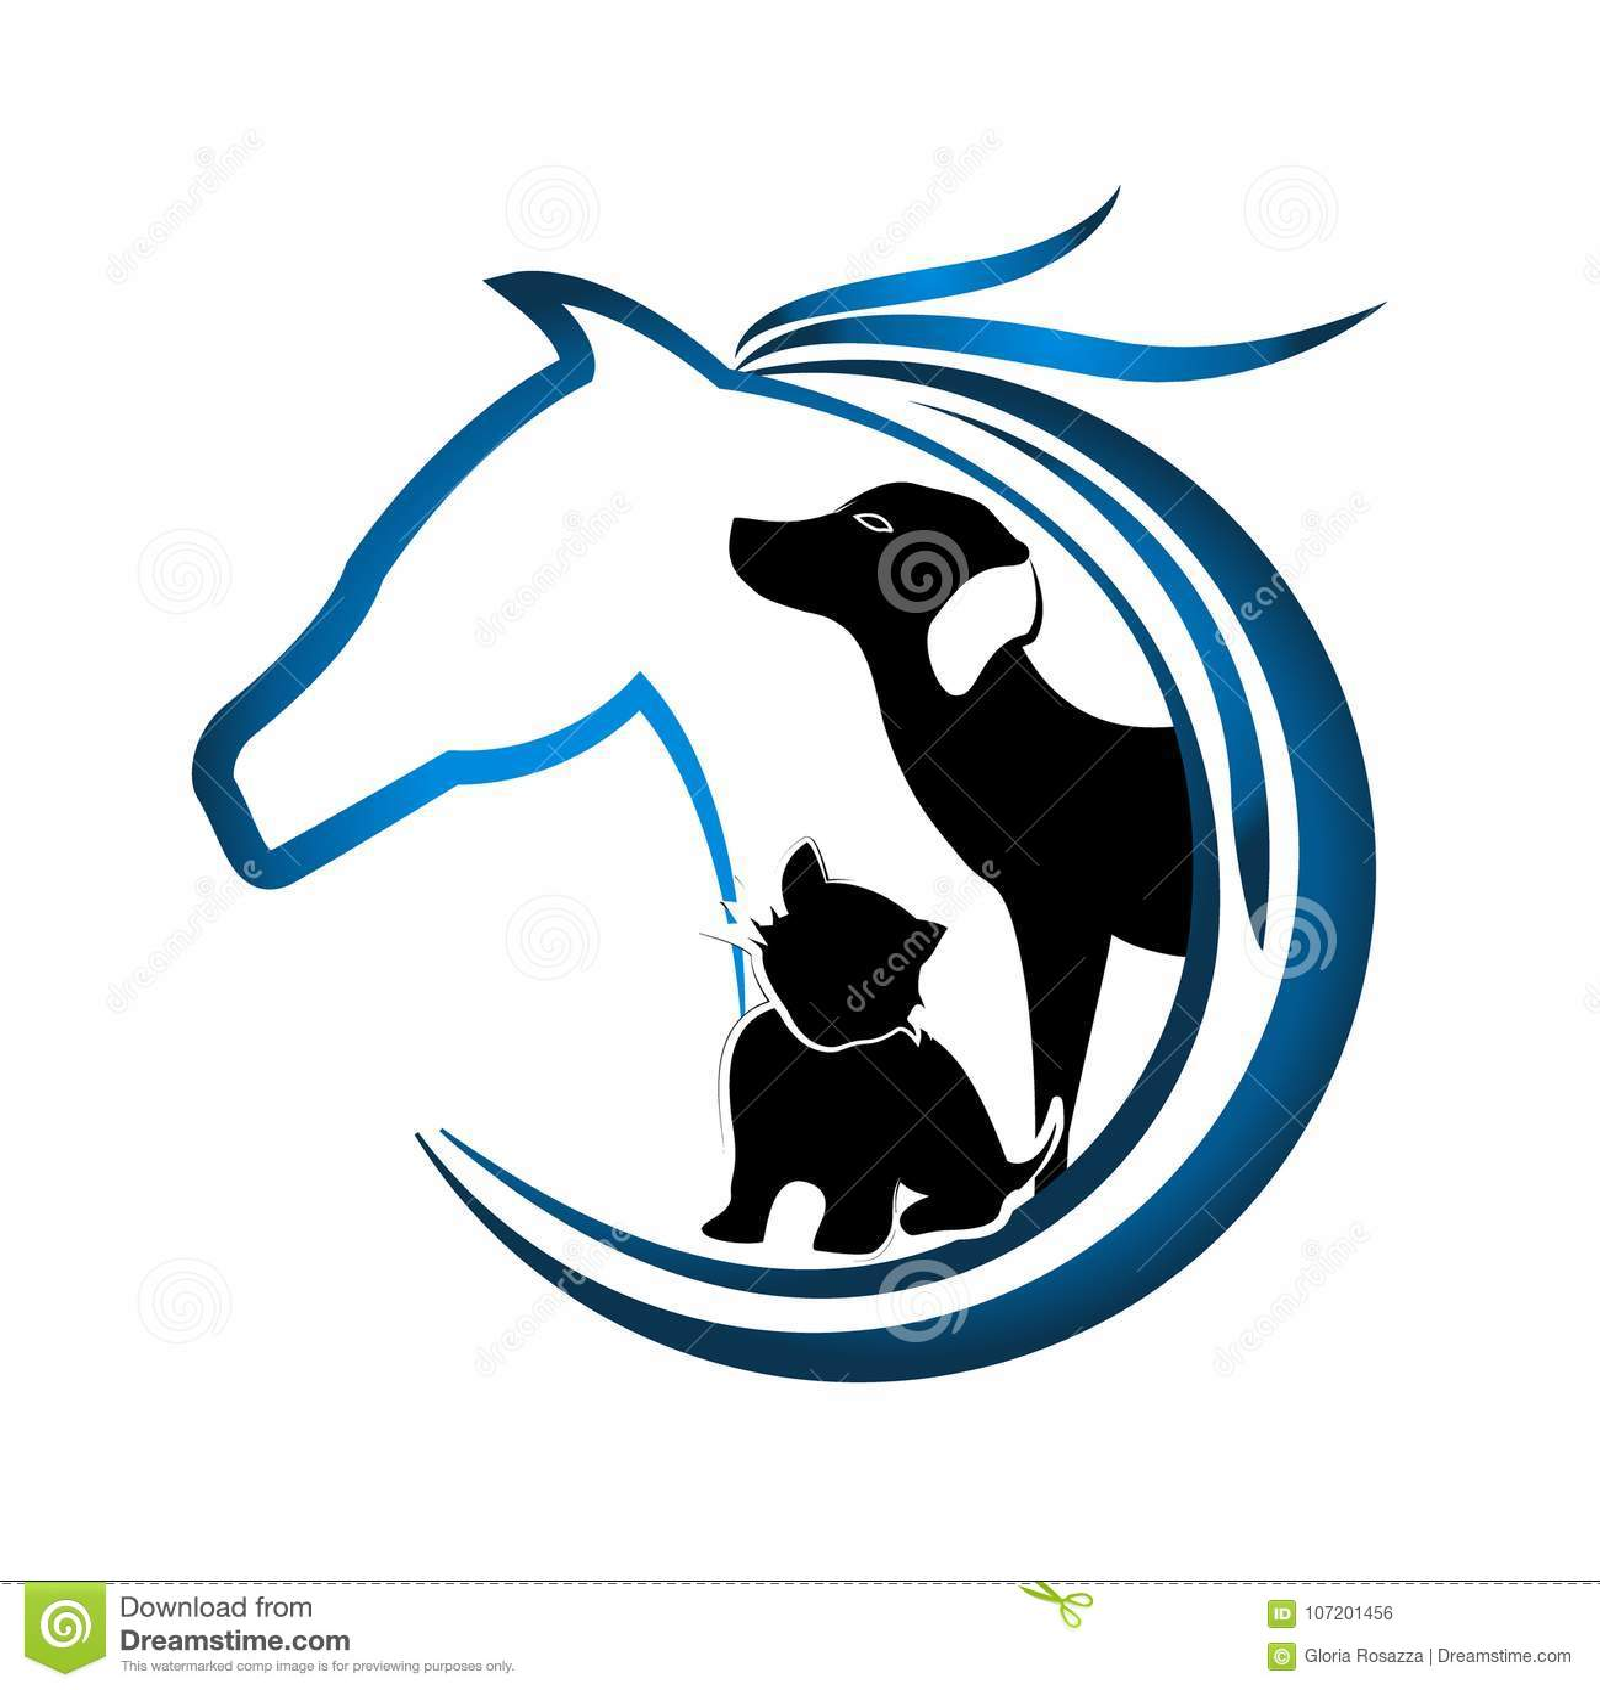 Horse Dog Cat Stock Illustrations 4 896 Horse Dog Cat Stock Illustrations Vectors Clipart Dreamstime